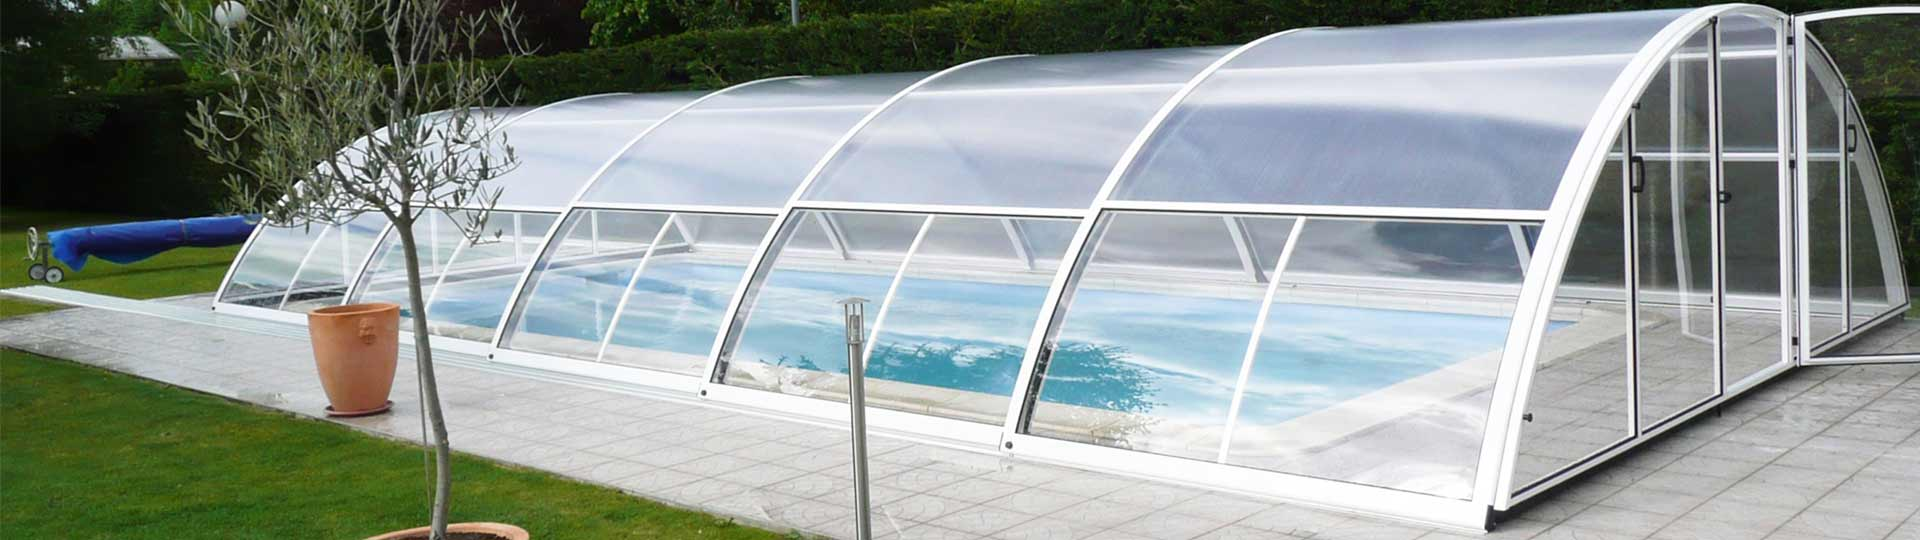 Perfiles VGMT en las cubiertas de piscina de Cupoola